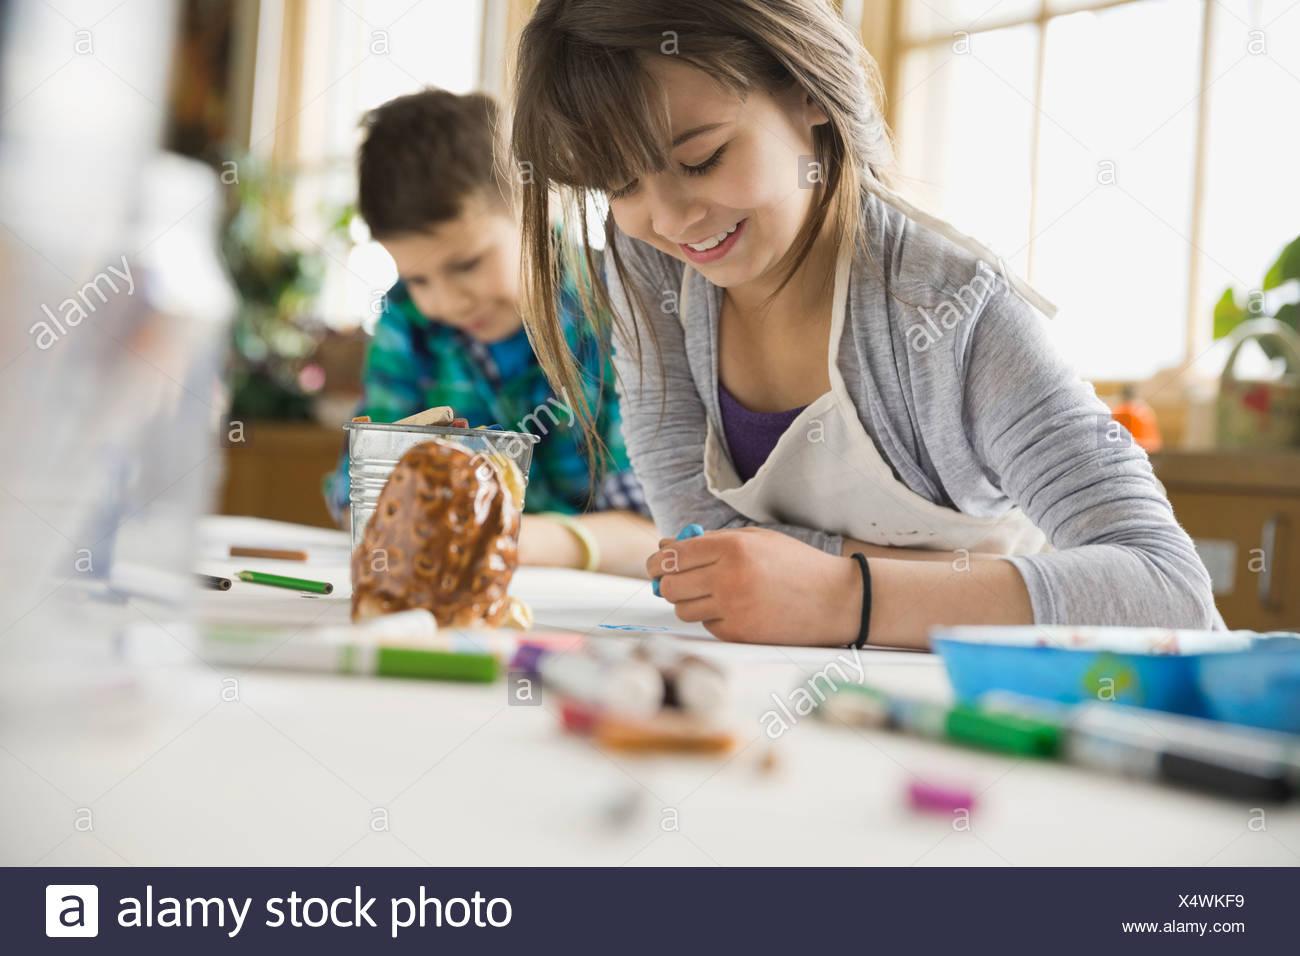 Porträt eines Mädchens im Kunstunterricht zeichnen Stockbild